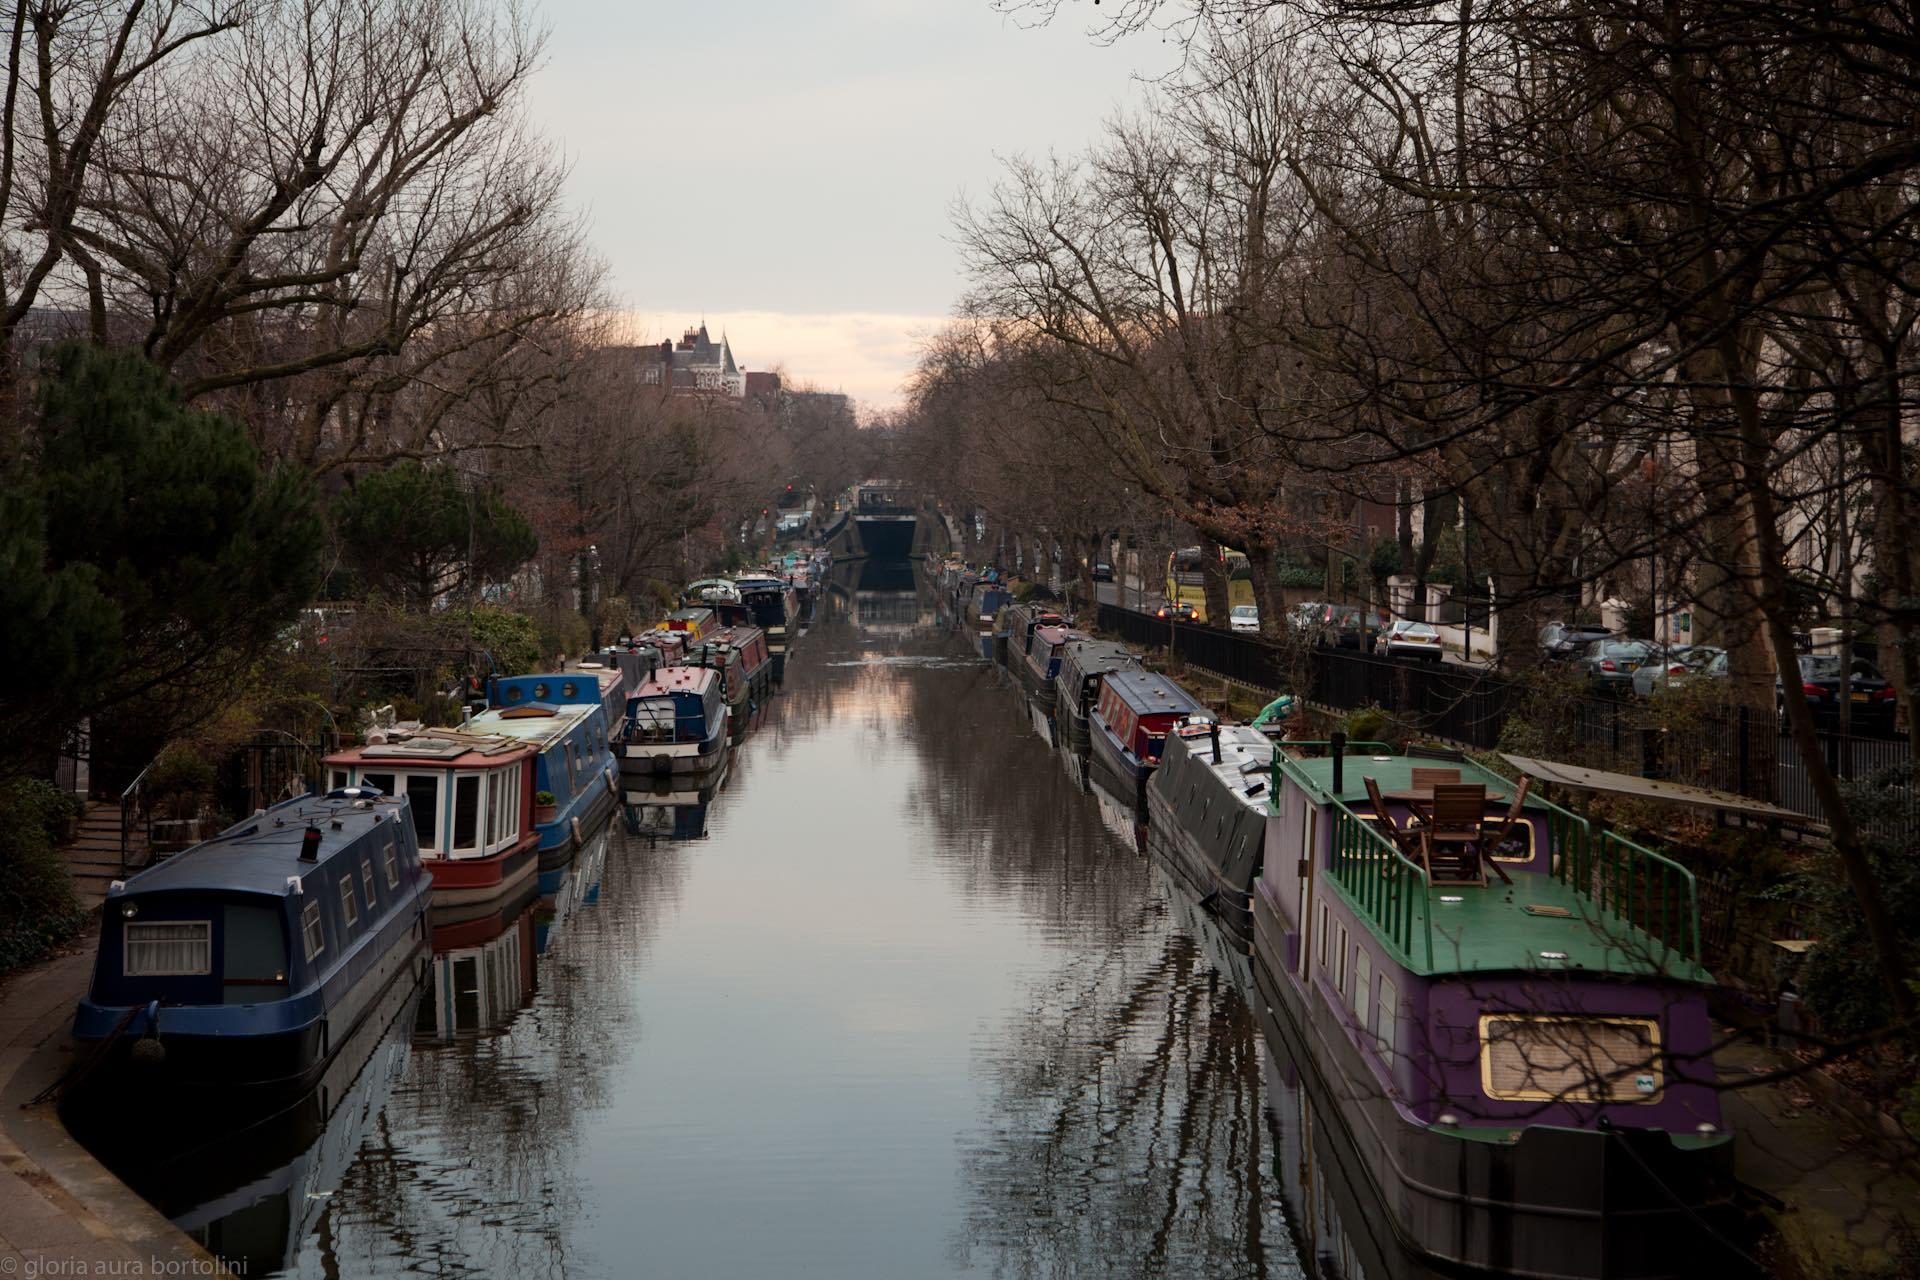 canale-di-regent1